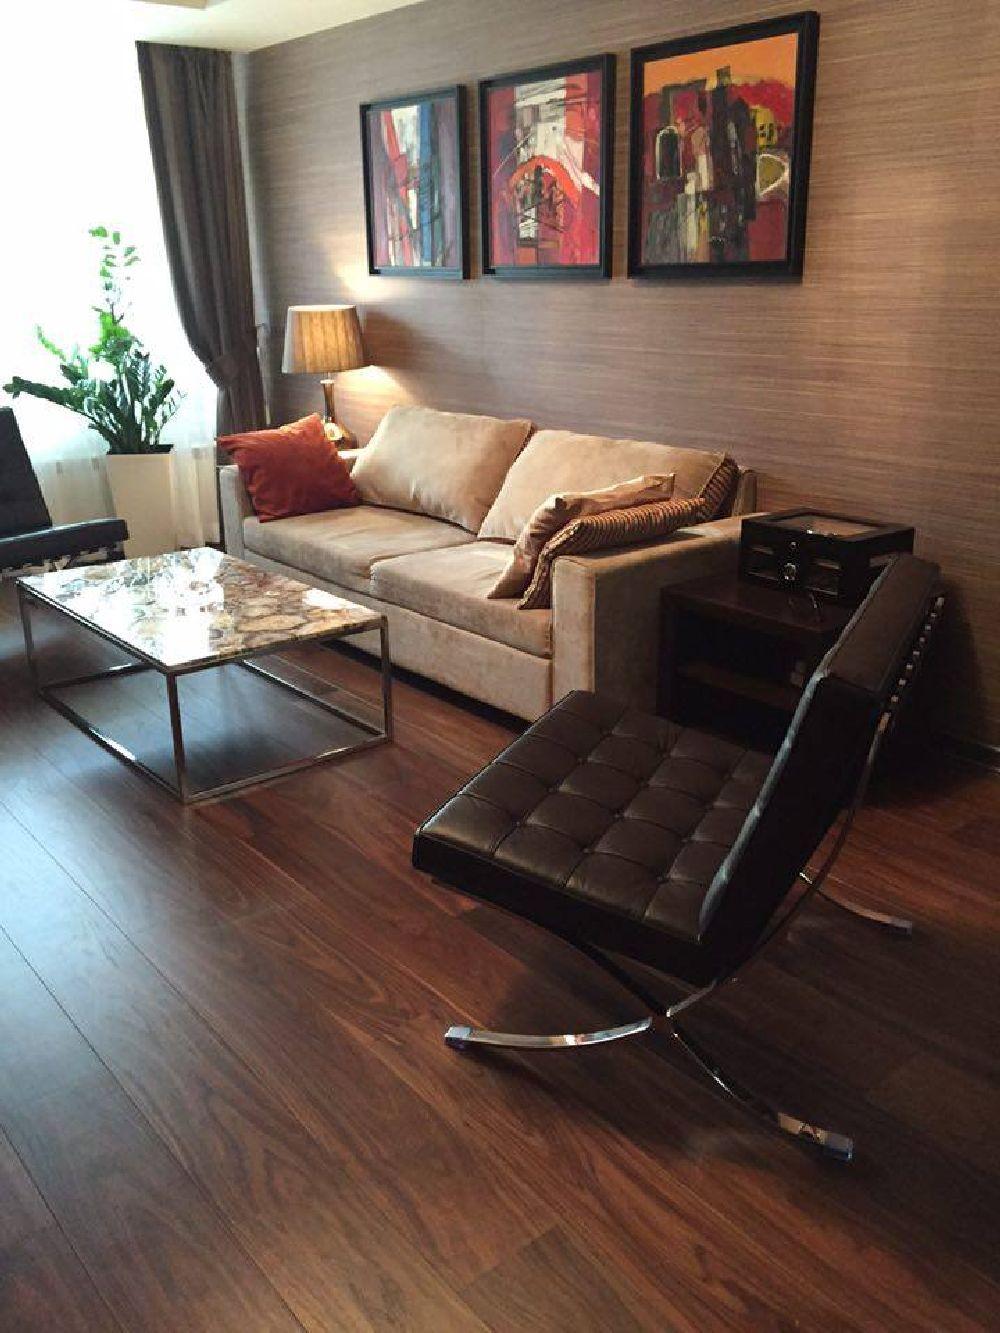 adelaparvu.com despre amenajare lux apartament 2 camere, 55 mp, Bucuresti, design interior arh Claudia Stefanescu, Foto Victor Oancea (19)